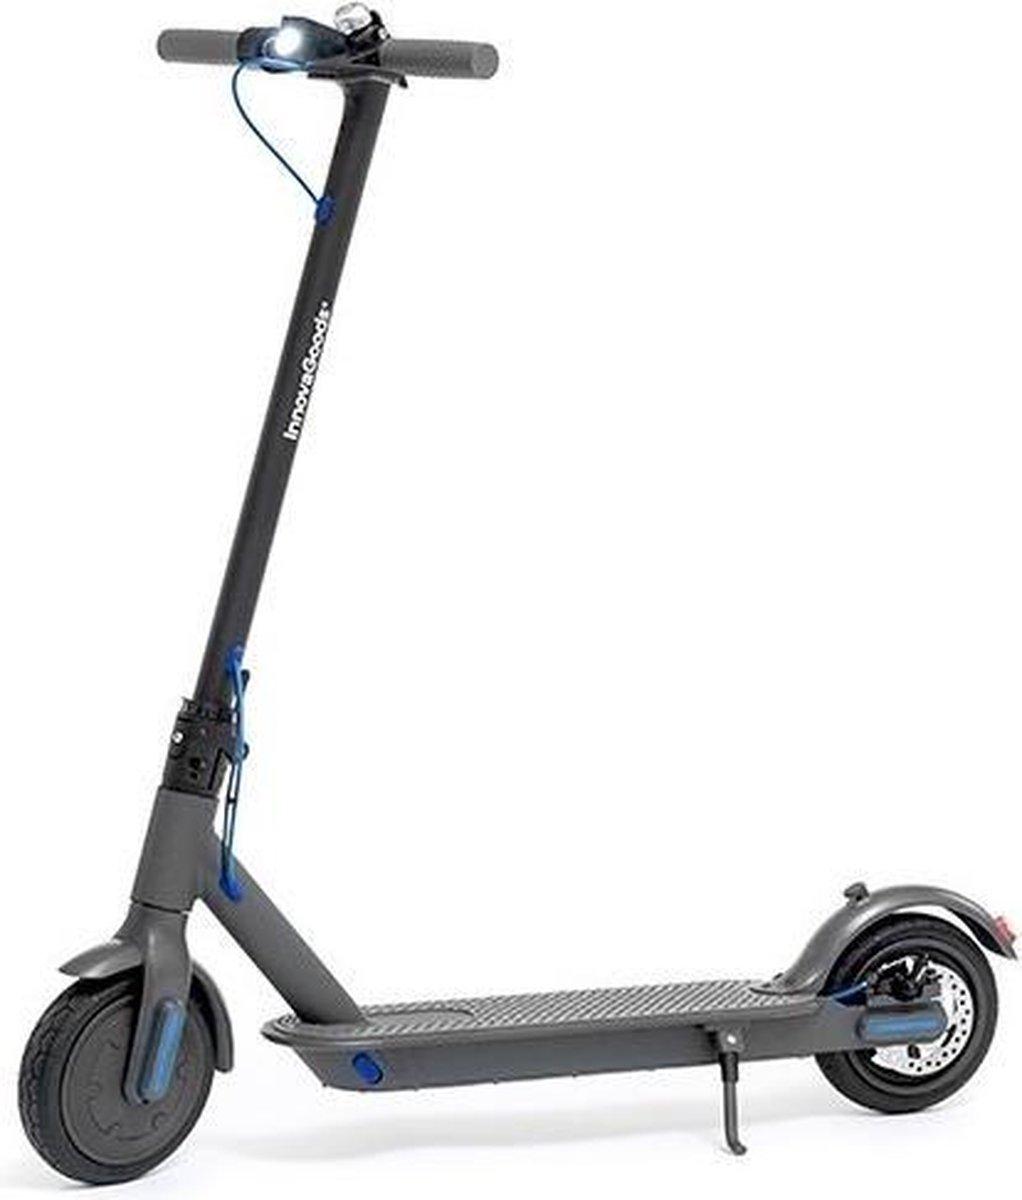 InnovaGoods Pro Opvouwbare Elektrische Scooter 7800 mAh 8.5'' 350W Zwart